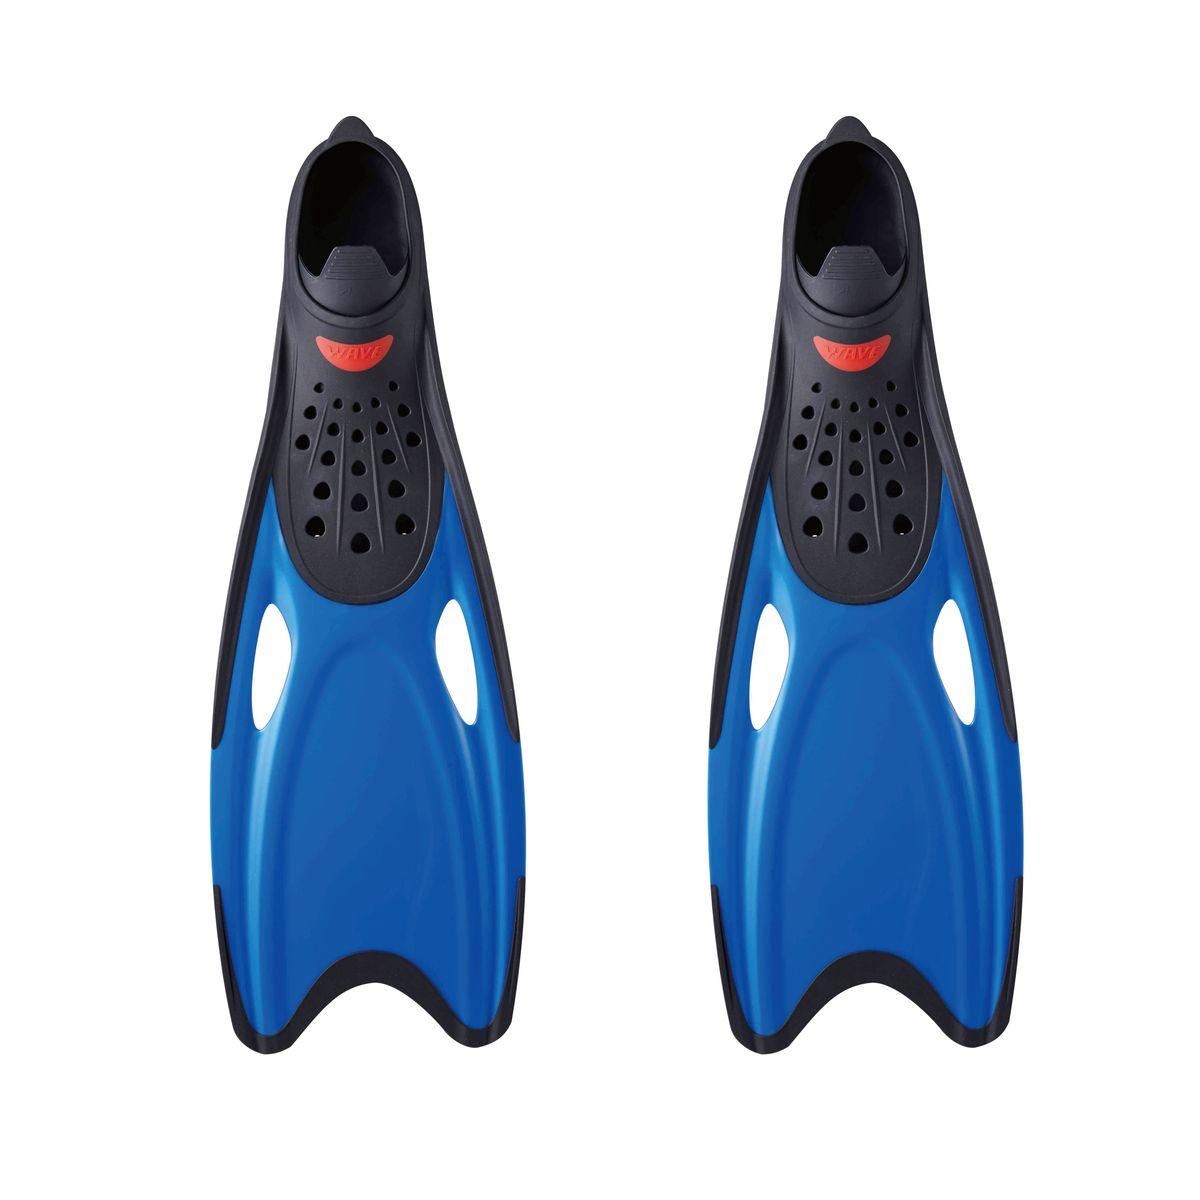 Ласты для плавания WAVE, цвет: синий. Размер 42-43. F-68718-10818B353-B353Ласты для плавания WAVE- профессиональная линия ласт для плаванияЛасты с закрытой пяткой:эластичные лопасти в форме хвоста рыбы обеспечивают отличную эффективность гребкаДренажные отверстия обеспечивают пространственную стабилизацию и уменьшают сопротивлениеОртопедическая форма калоши обеспечивает дополнительный комфорт для любой ногиВыполнены из высококачественного термопластичного эластомера (ТРЕ)Срок службы гораздо дольше чем у резиныРазмер: XL (42-43) Размер: 560 x 190 x 75 мм